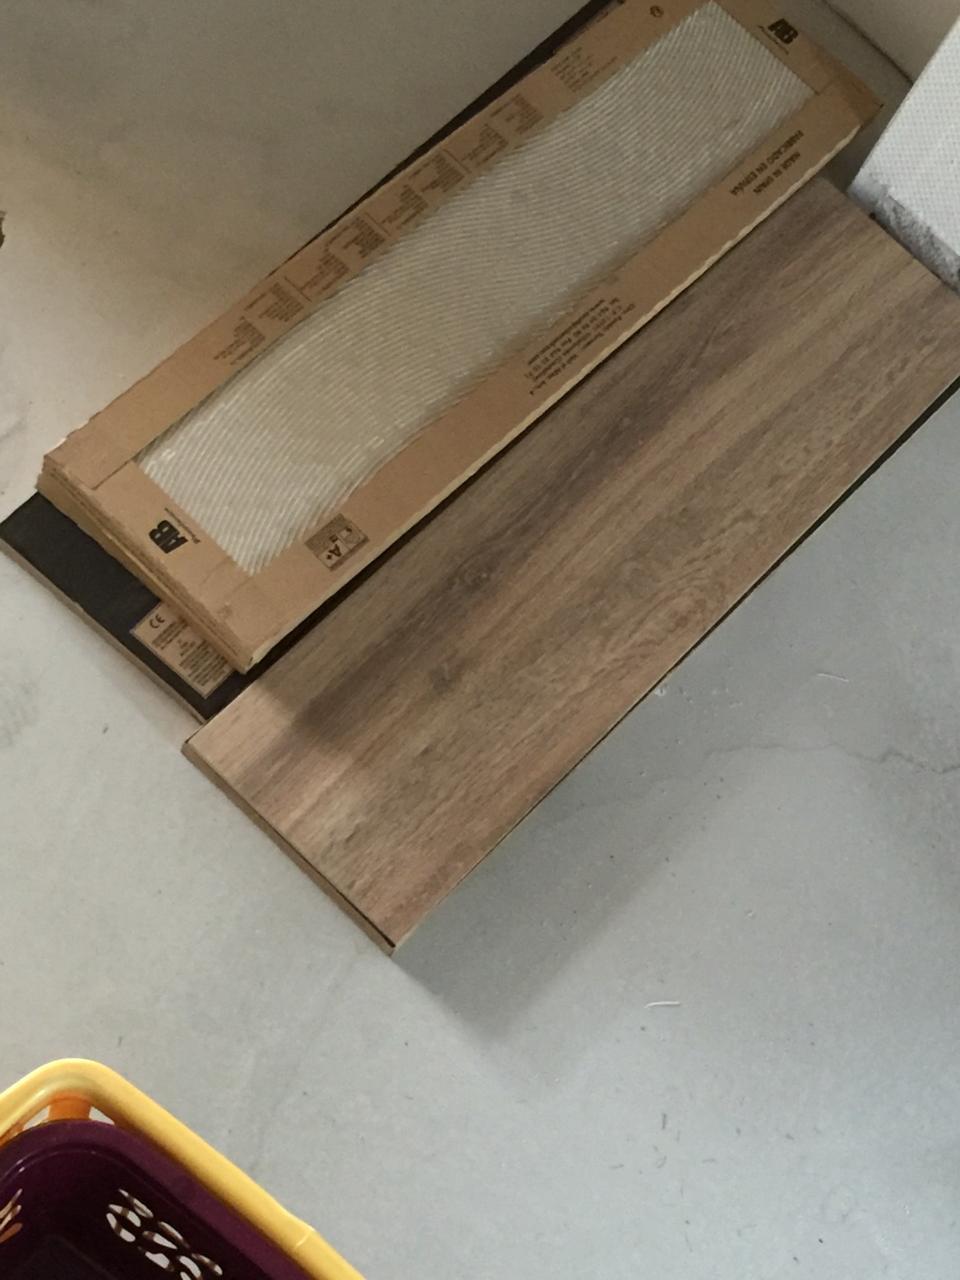 Wir Bekommen Aktuell Neue Fliesen Im Flur Und In Einem Kleinen Bad.  Entscheiden Haben Wir Uns Für Braun Graue Fliesen In Holzoptik.